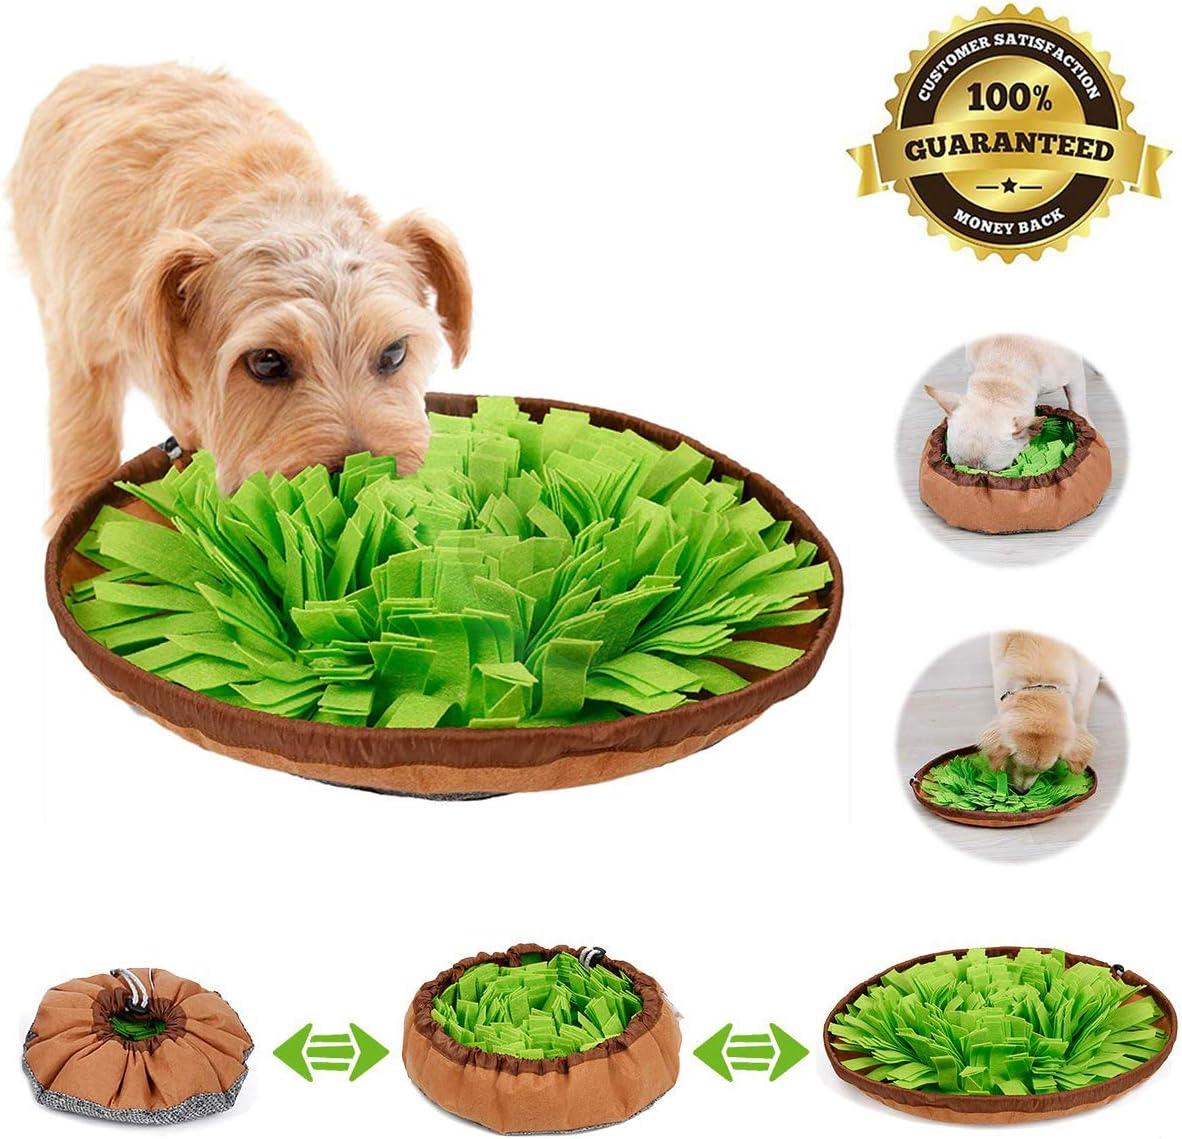 alfombra olfativa perros,snuffle mat para perros,pet nariz trabajo mat,alfombrilla de entrenamiento Interactivo para perros,Alfombra de Actividades para Mascotas,dog snuffle mat (Verde)